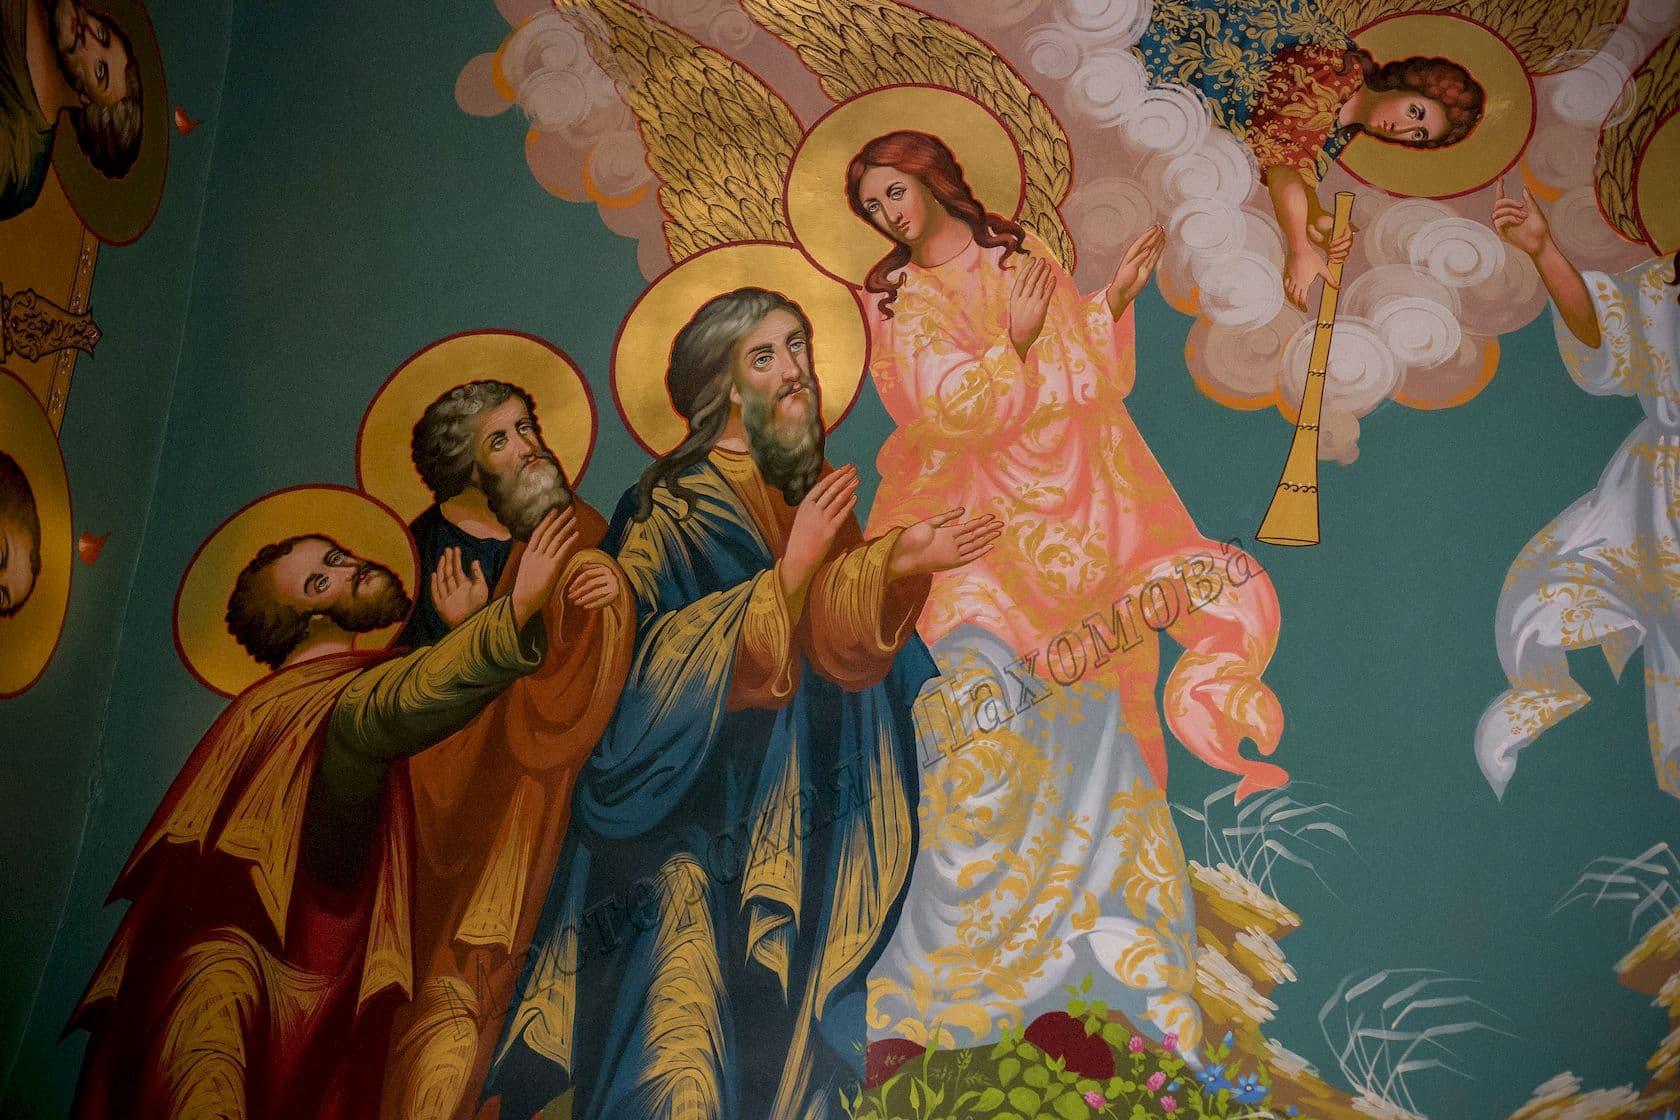 Икона на стене в храме-изображение апостолов и ангелов